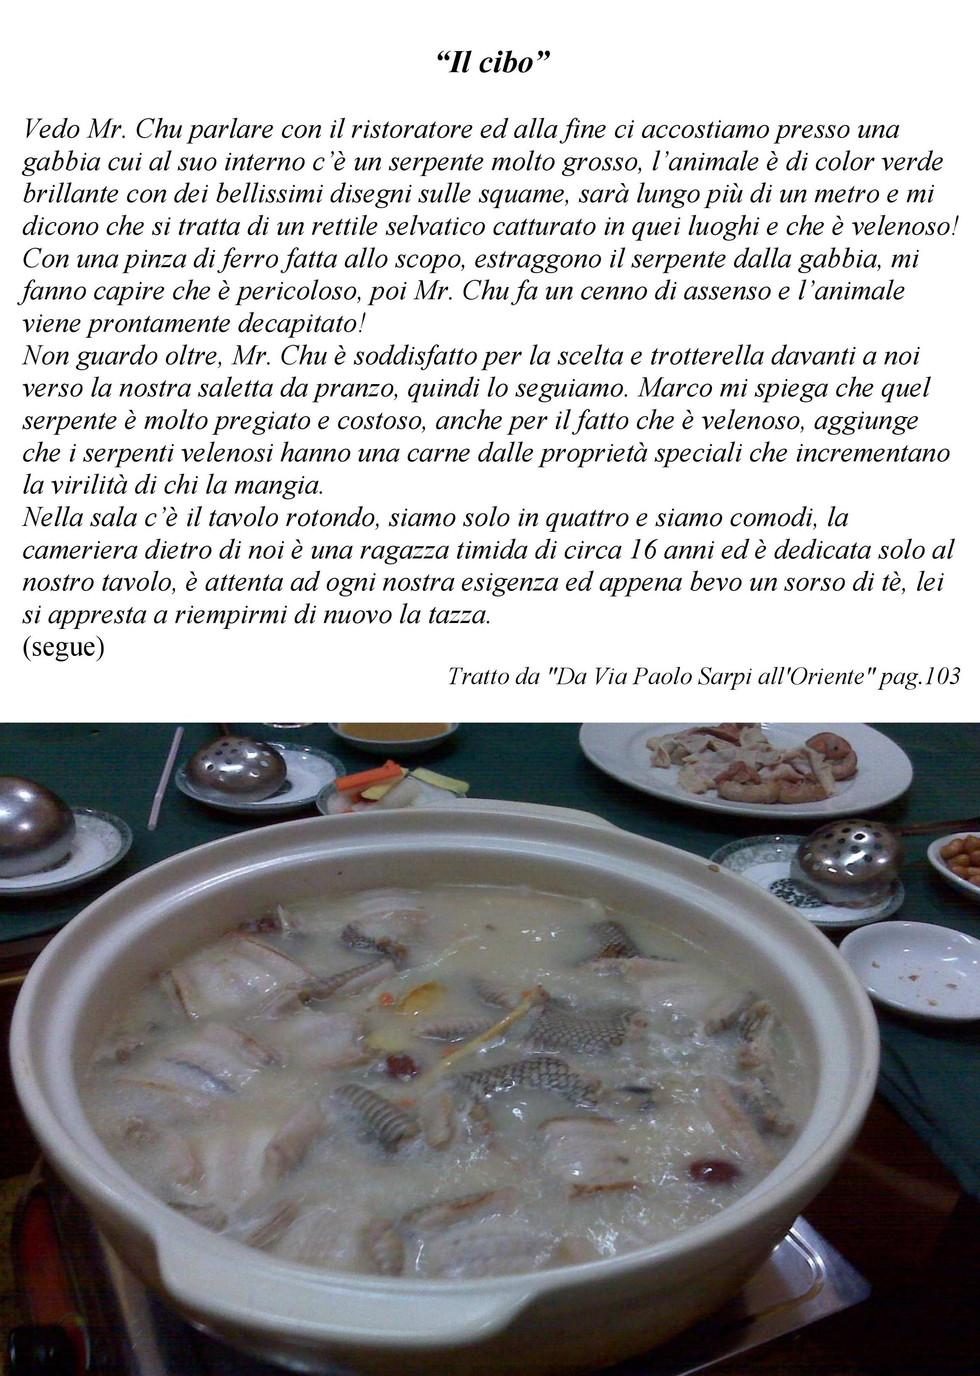 8 Poster Il cibo.jpg